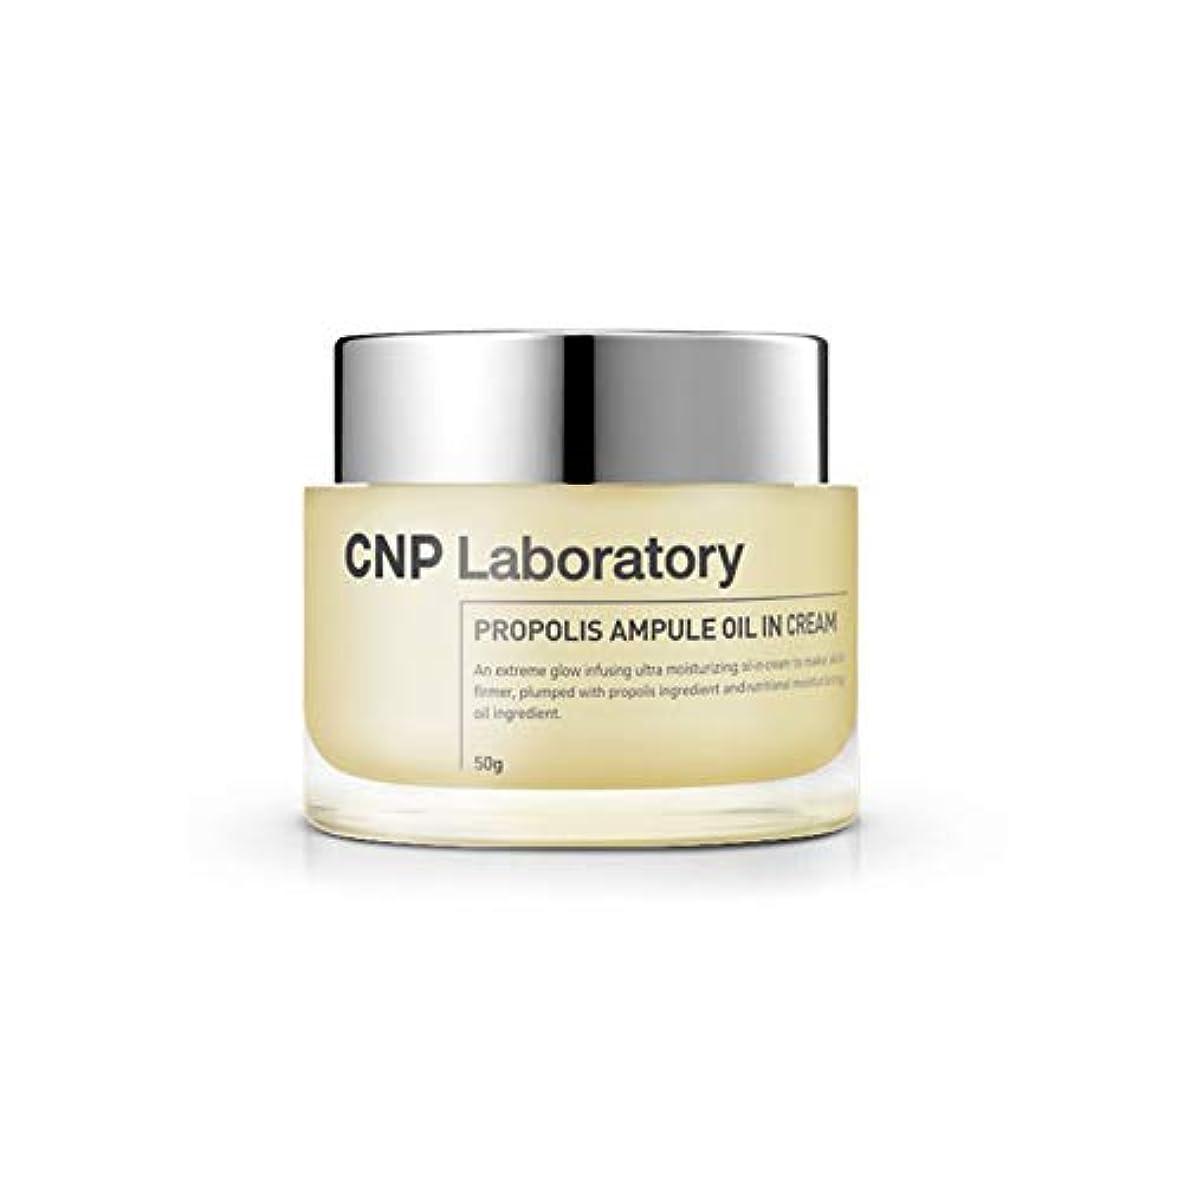 競合他社選手軽減する収穫[CNP Laboratory] CNP チャ&パク プロポリスアンプルオイルインクリーム 50g [海外直送品][並行輸入品]